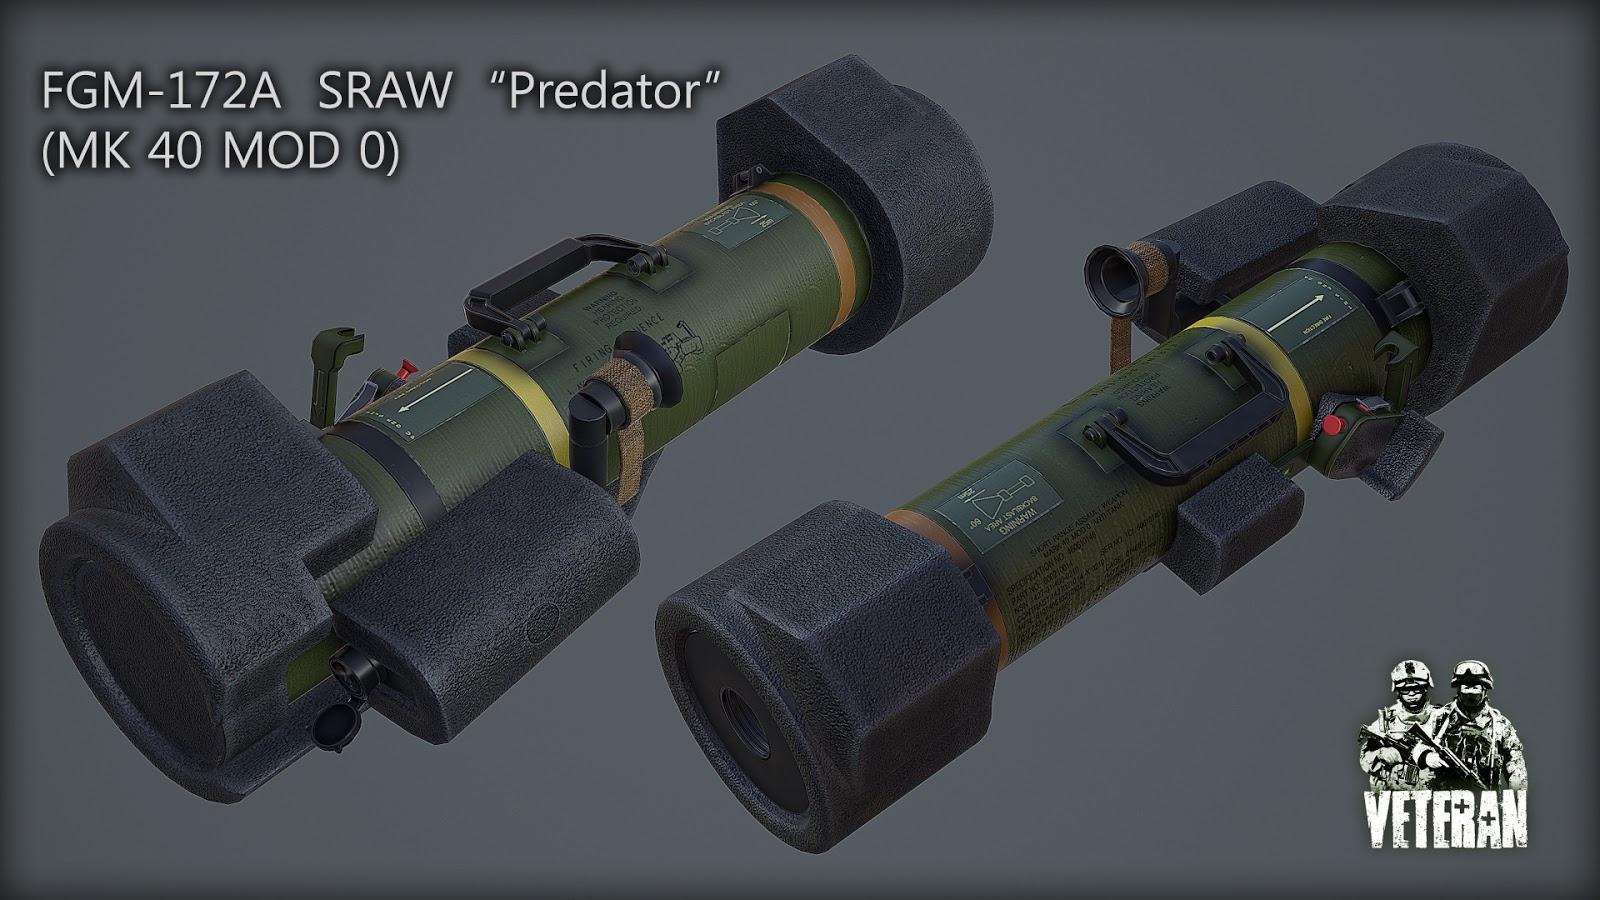 弱者の日記^^Arma 3 で現代戦を作る Veteran MOD で米軍の FGM-172 SRAW ランチャーを作製